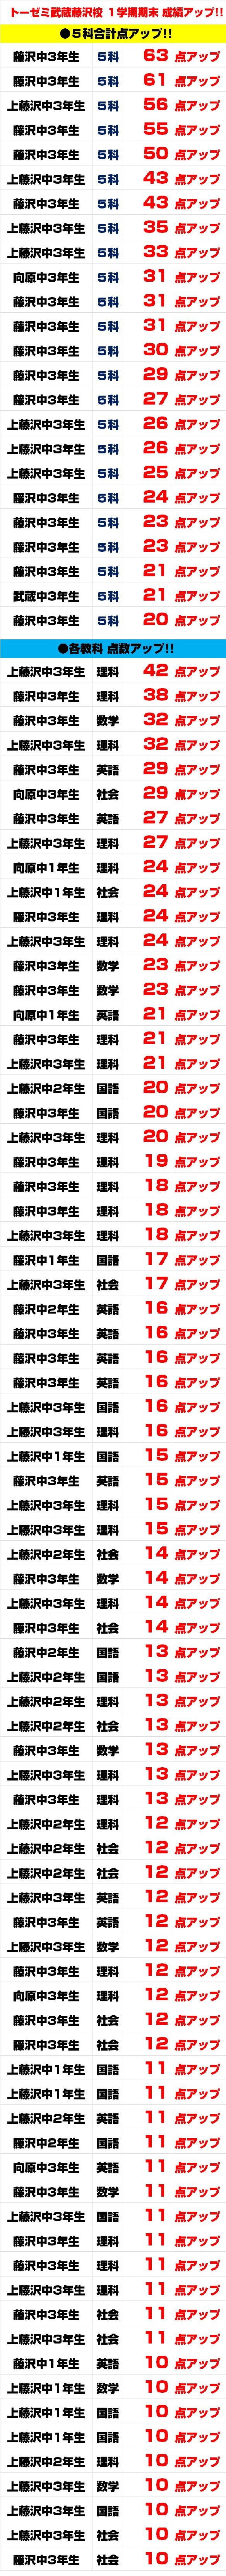 1学期期末テスト 点数アップ!(学習塾トーゼミ 武蔵藤沢校)